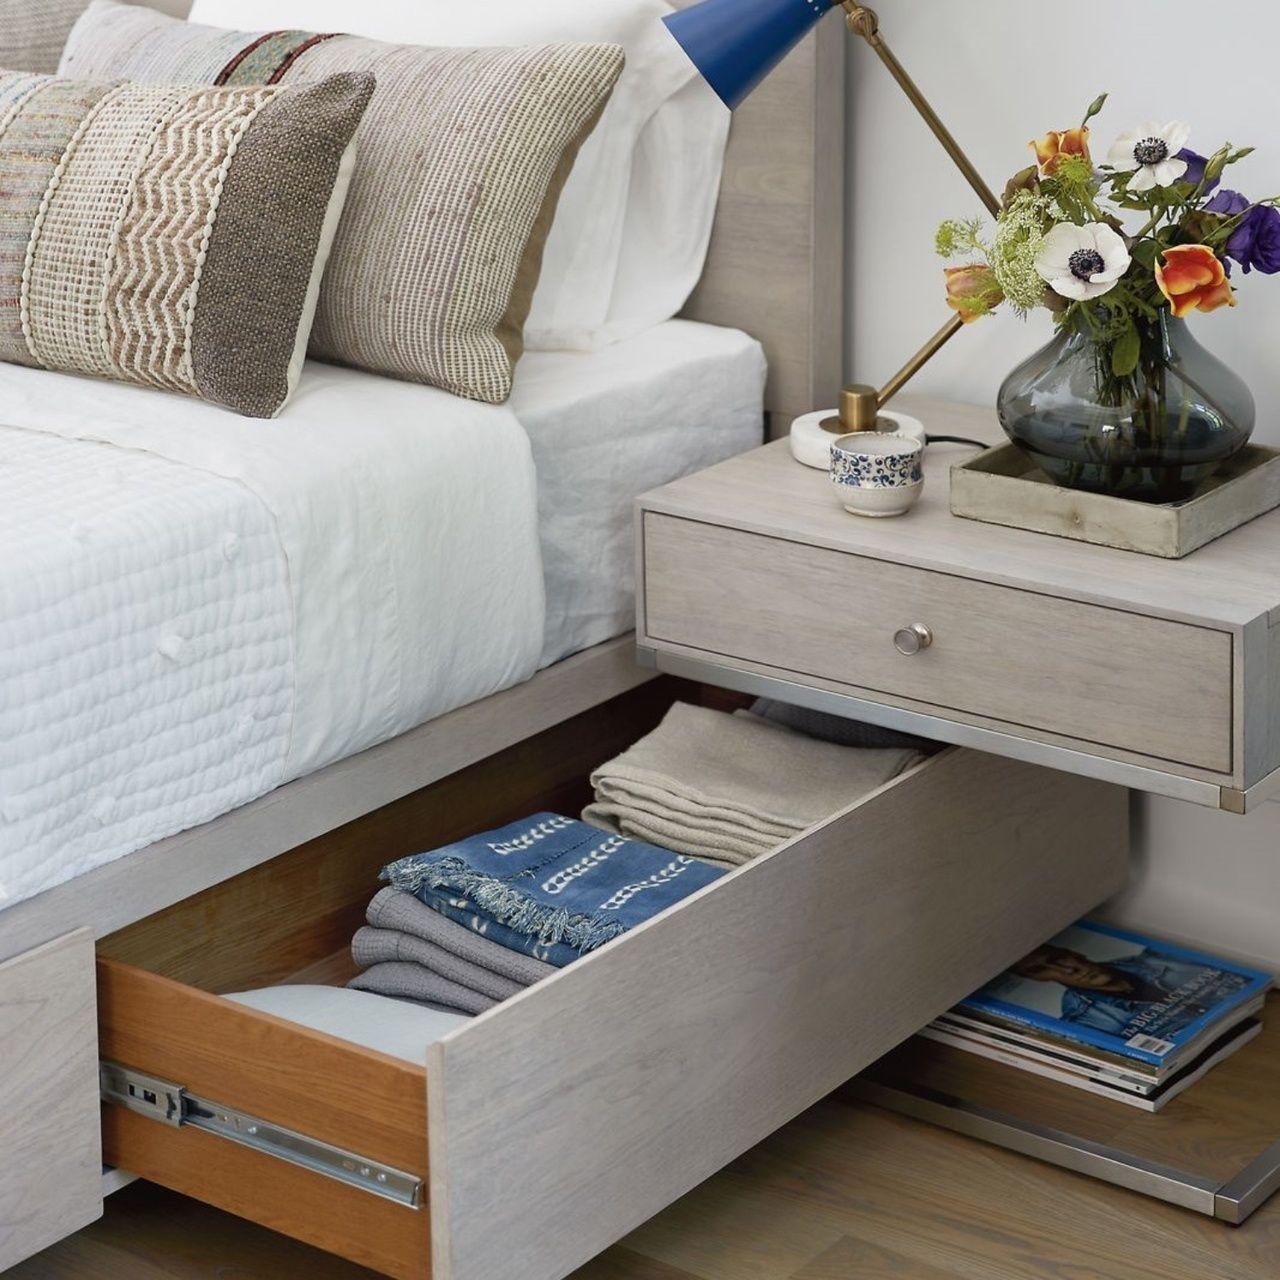 Urban Modern Mist Gray Queen Platform Storage Bed Bed Frame With Storage King Storage Bed Best Storage Beds Queen size bed with storage drawers